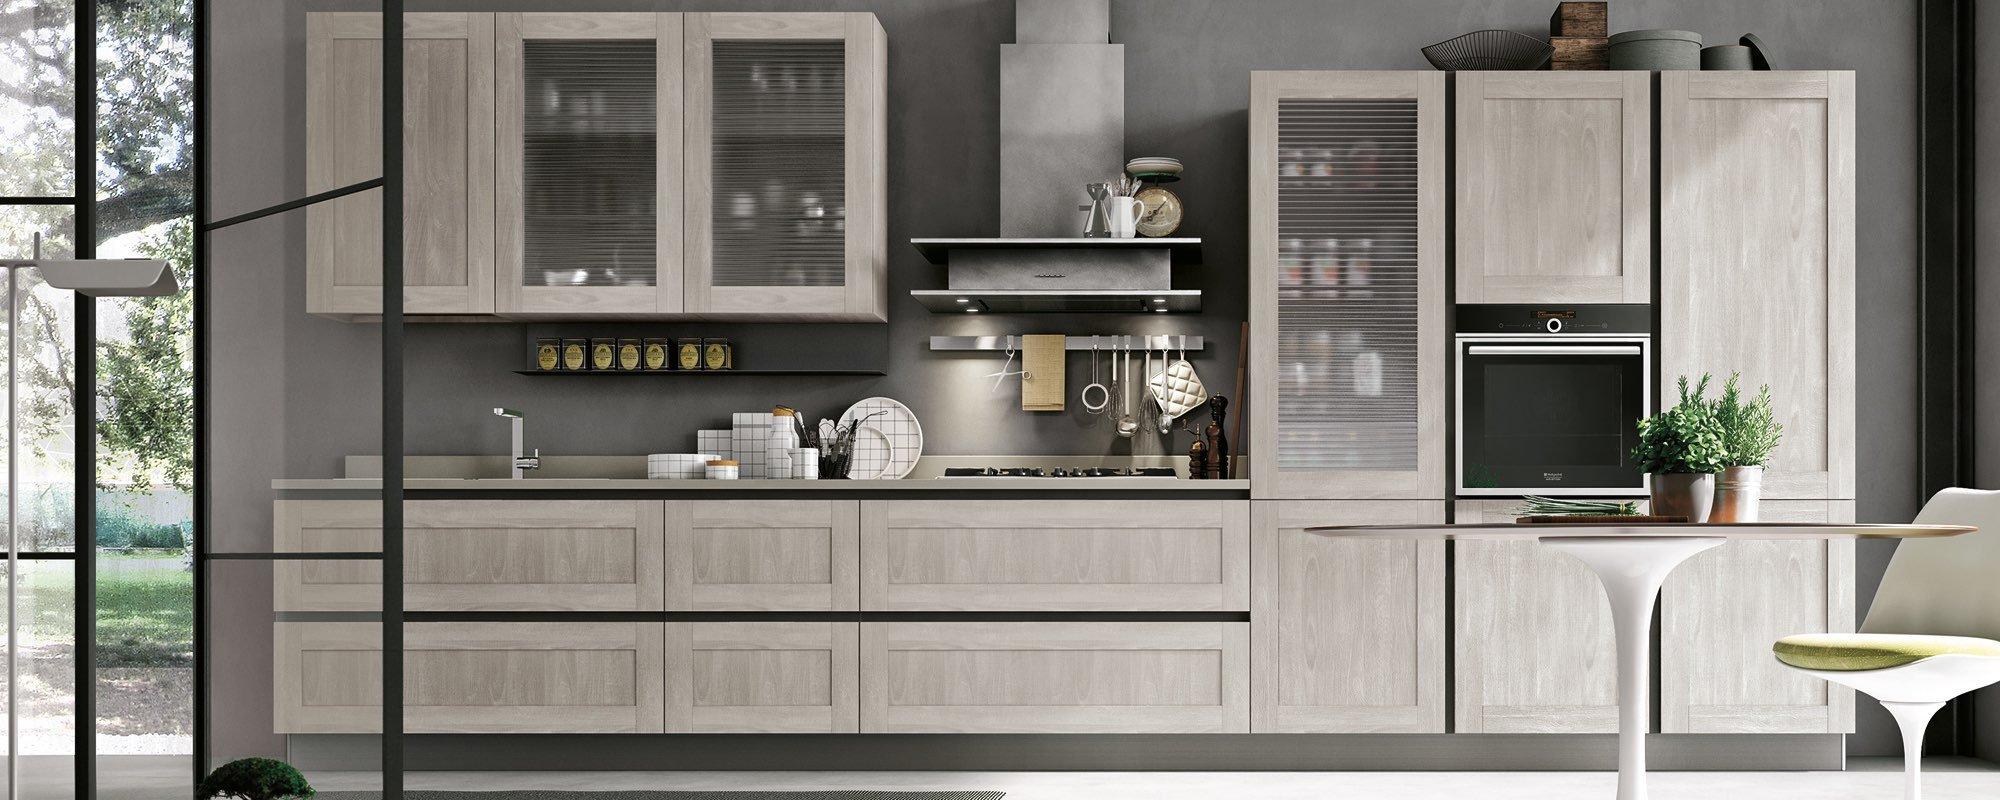 cucina moderna in legno con vetrina -CITY